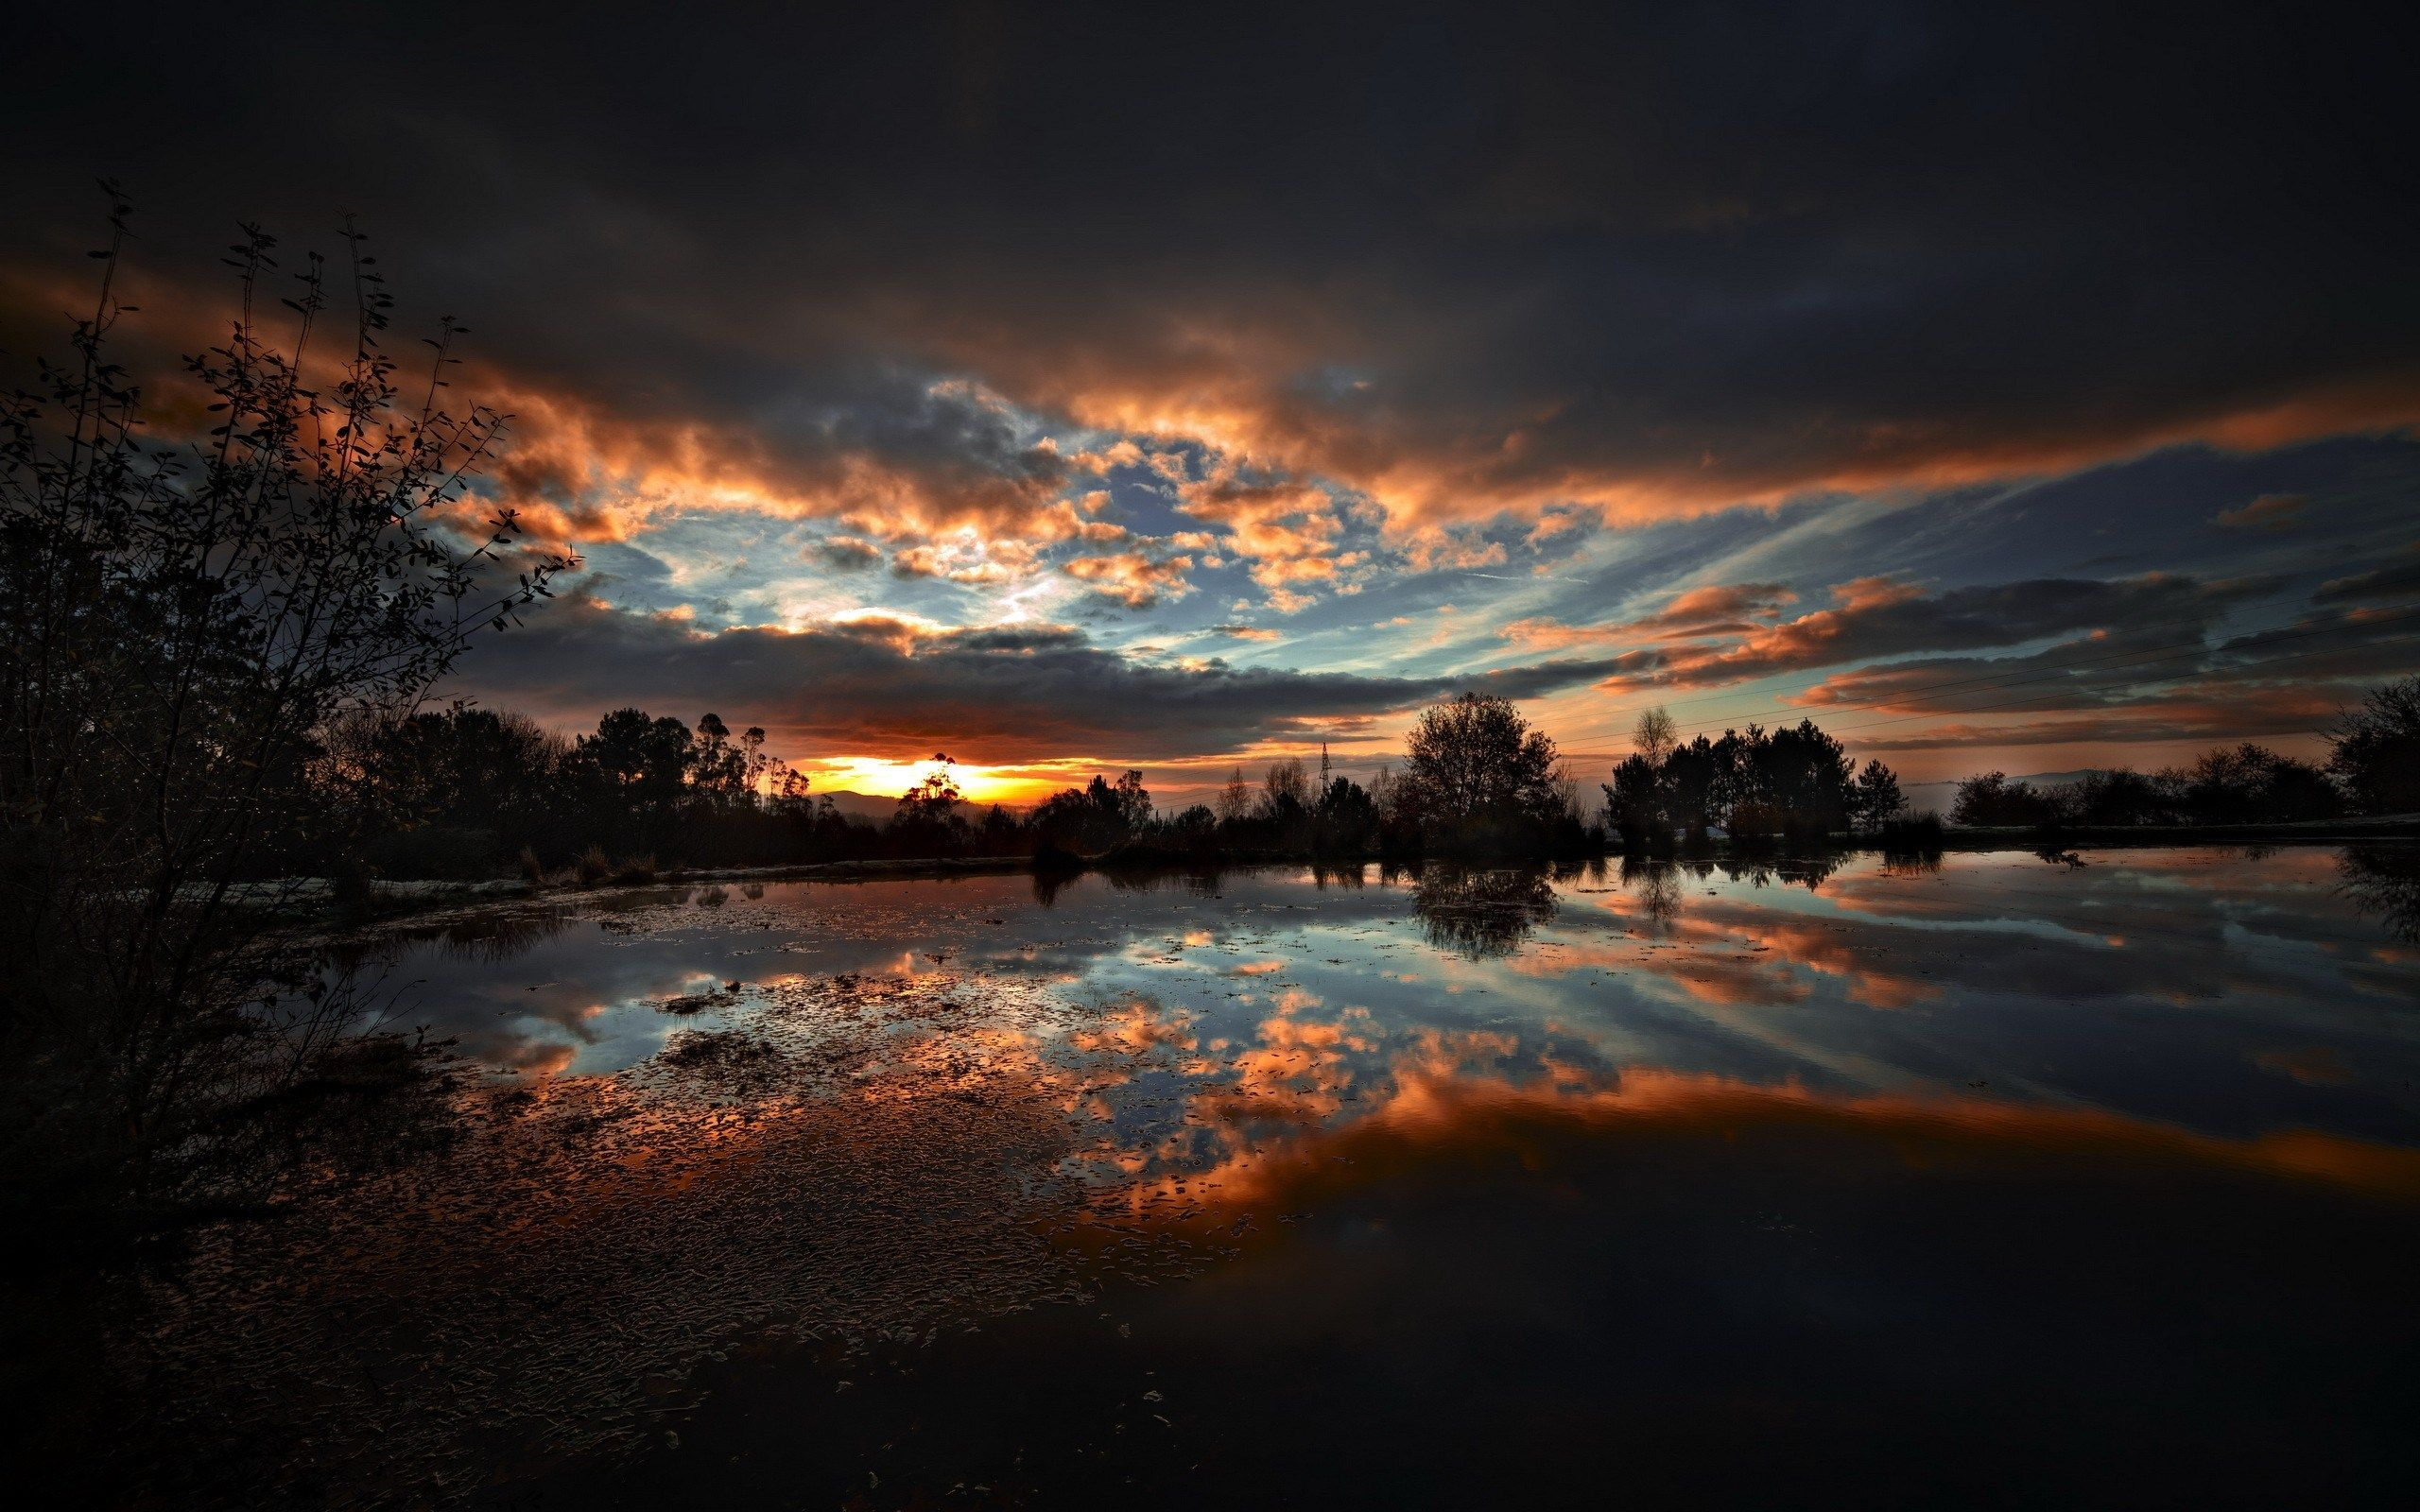 Lake Sunset Wallpaper Get Free top quality Lake Sunset Wallpaper